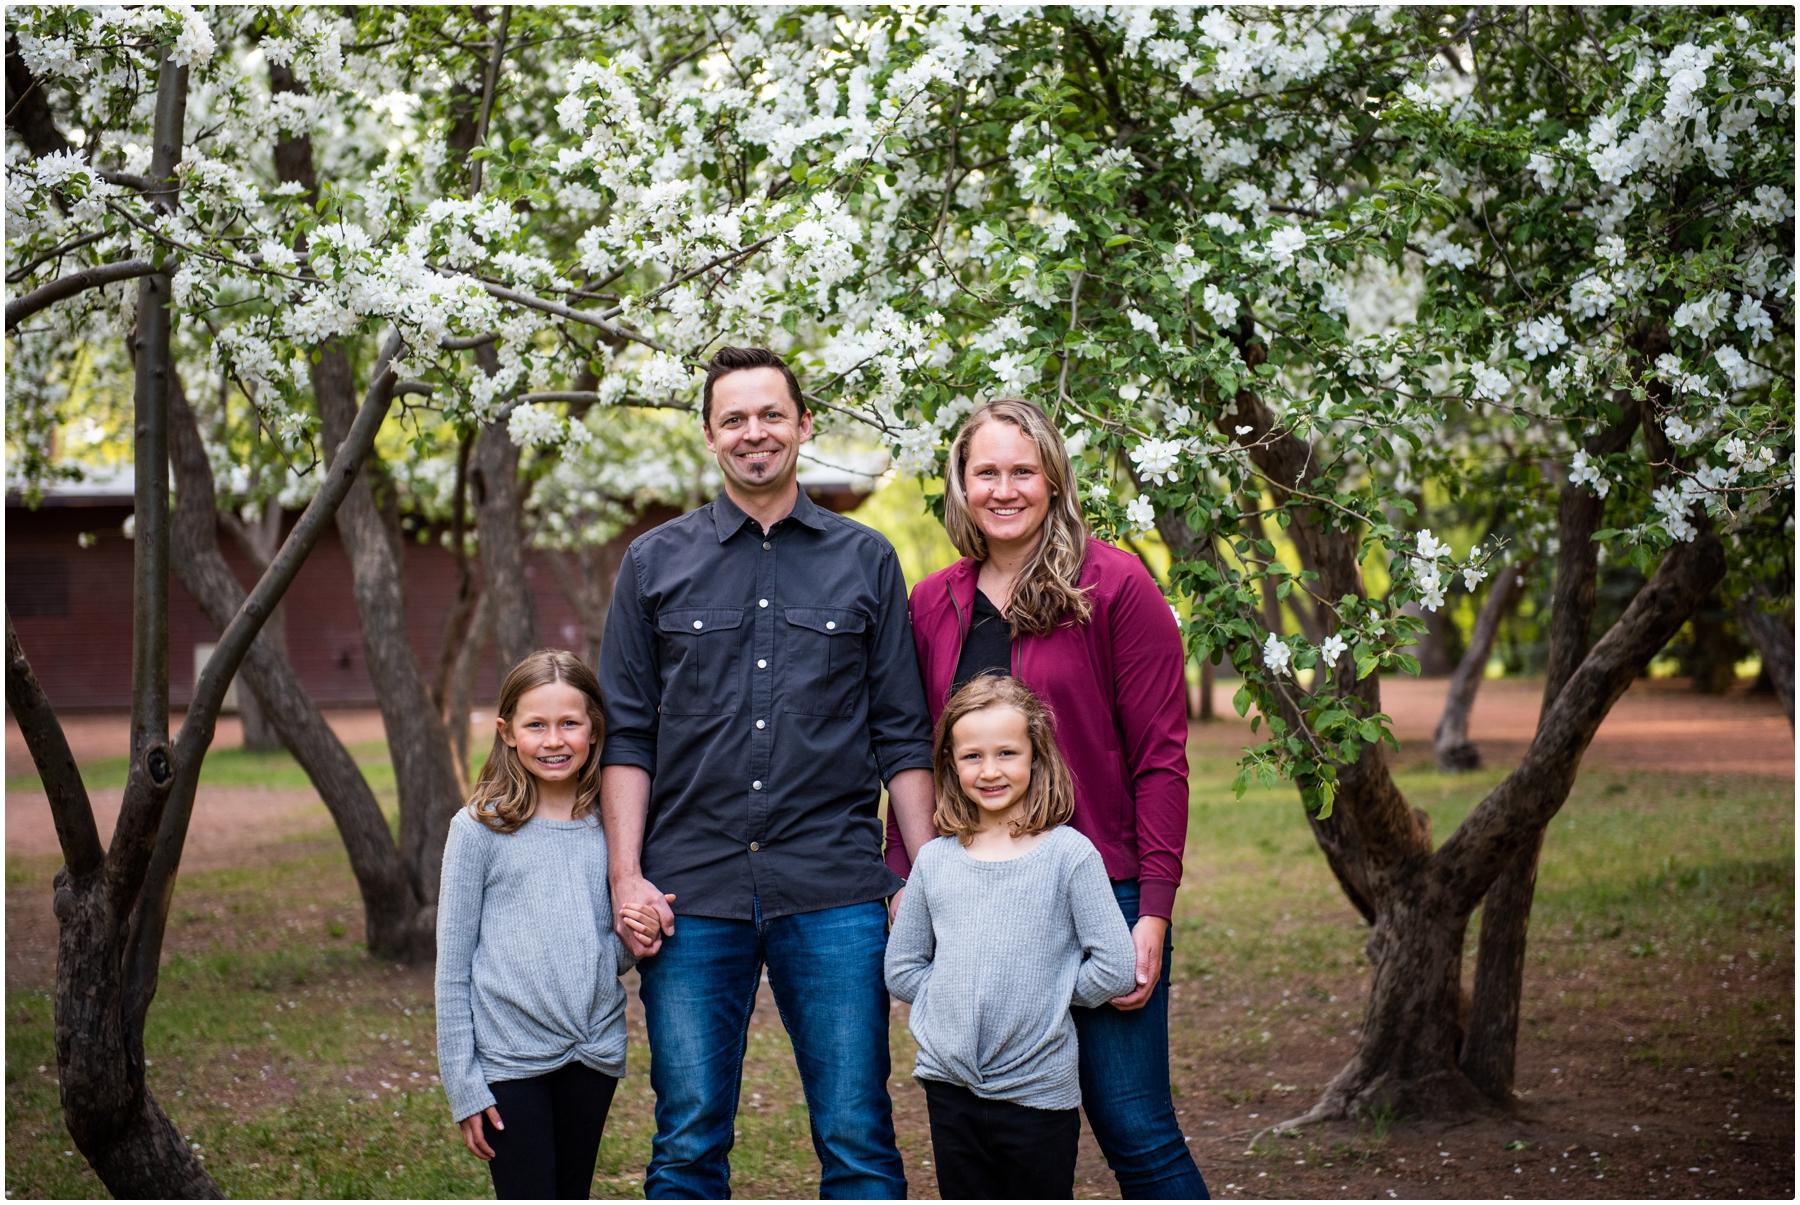 Cherry Blossom Family Photography Calgary